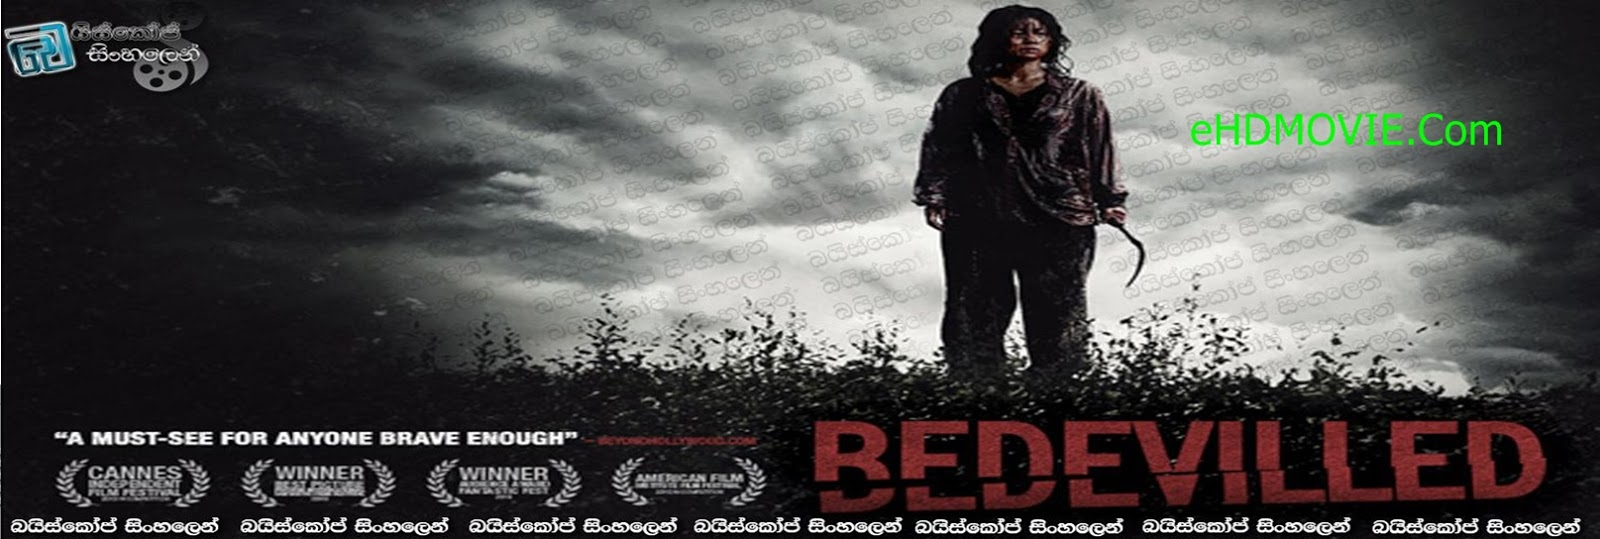 Bedevilled 2010 Full Movie Korean 720p - 480p ORG BRRip 350MB - 800MB ESubs Free Download